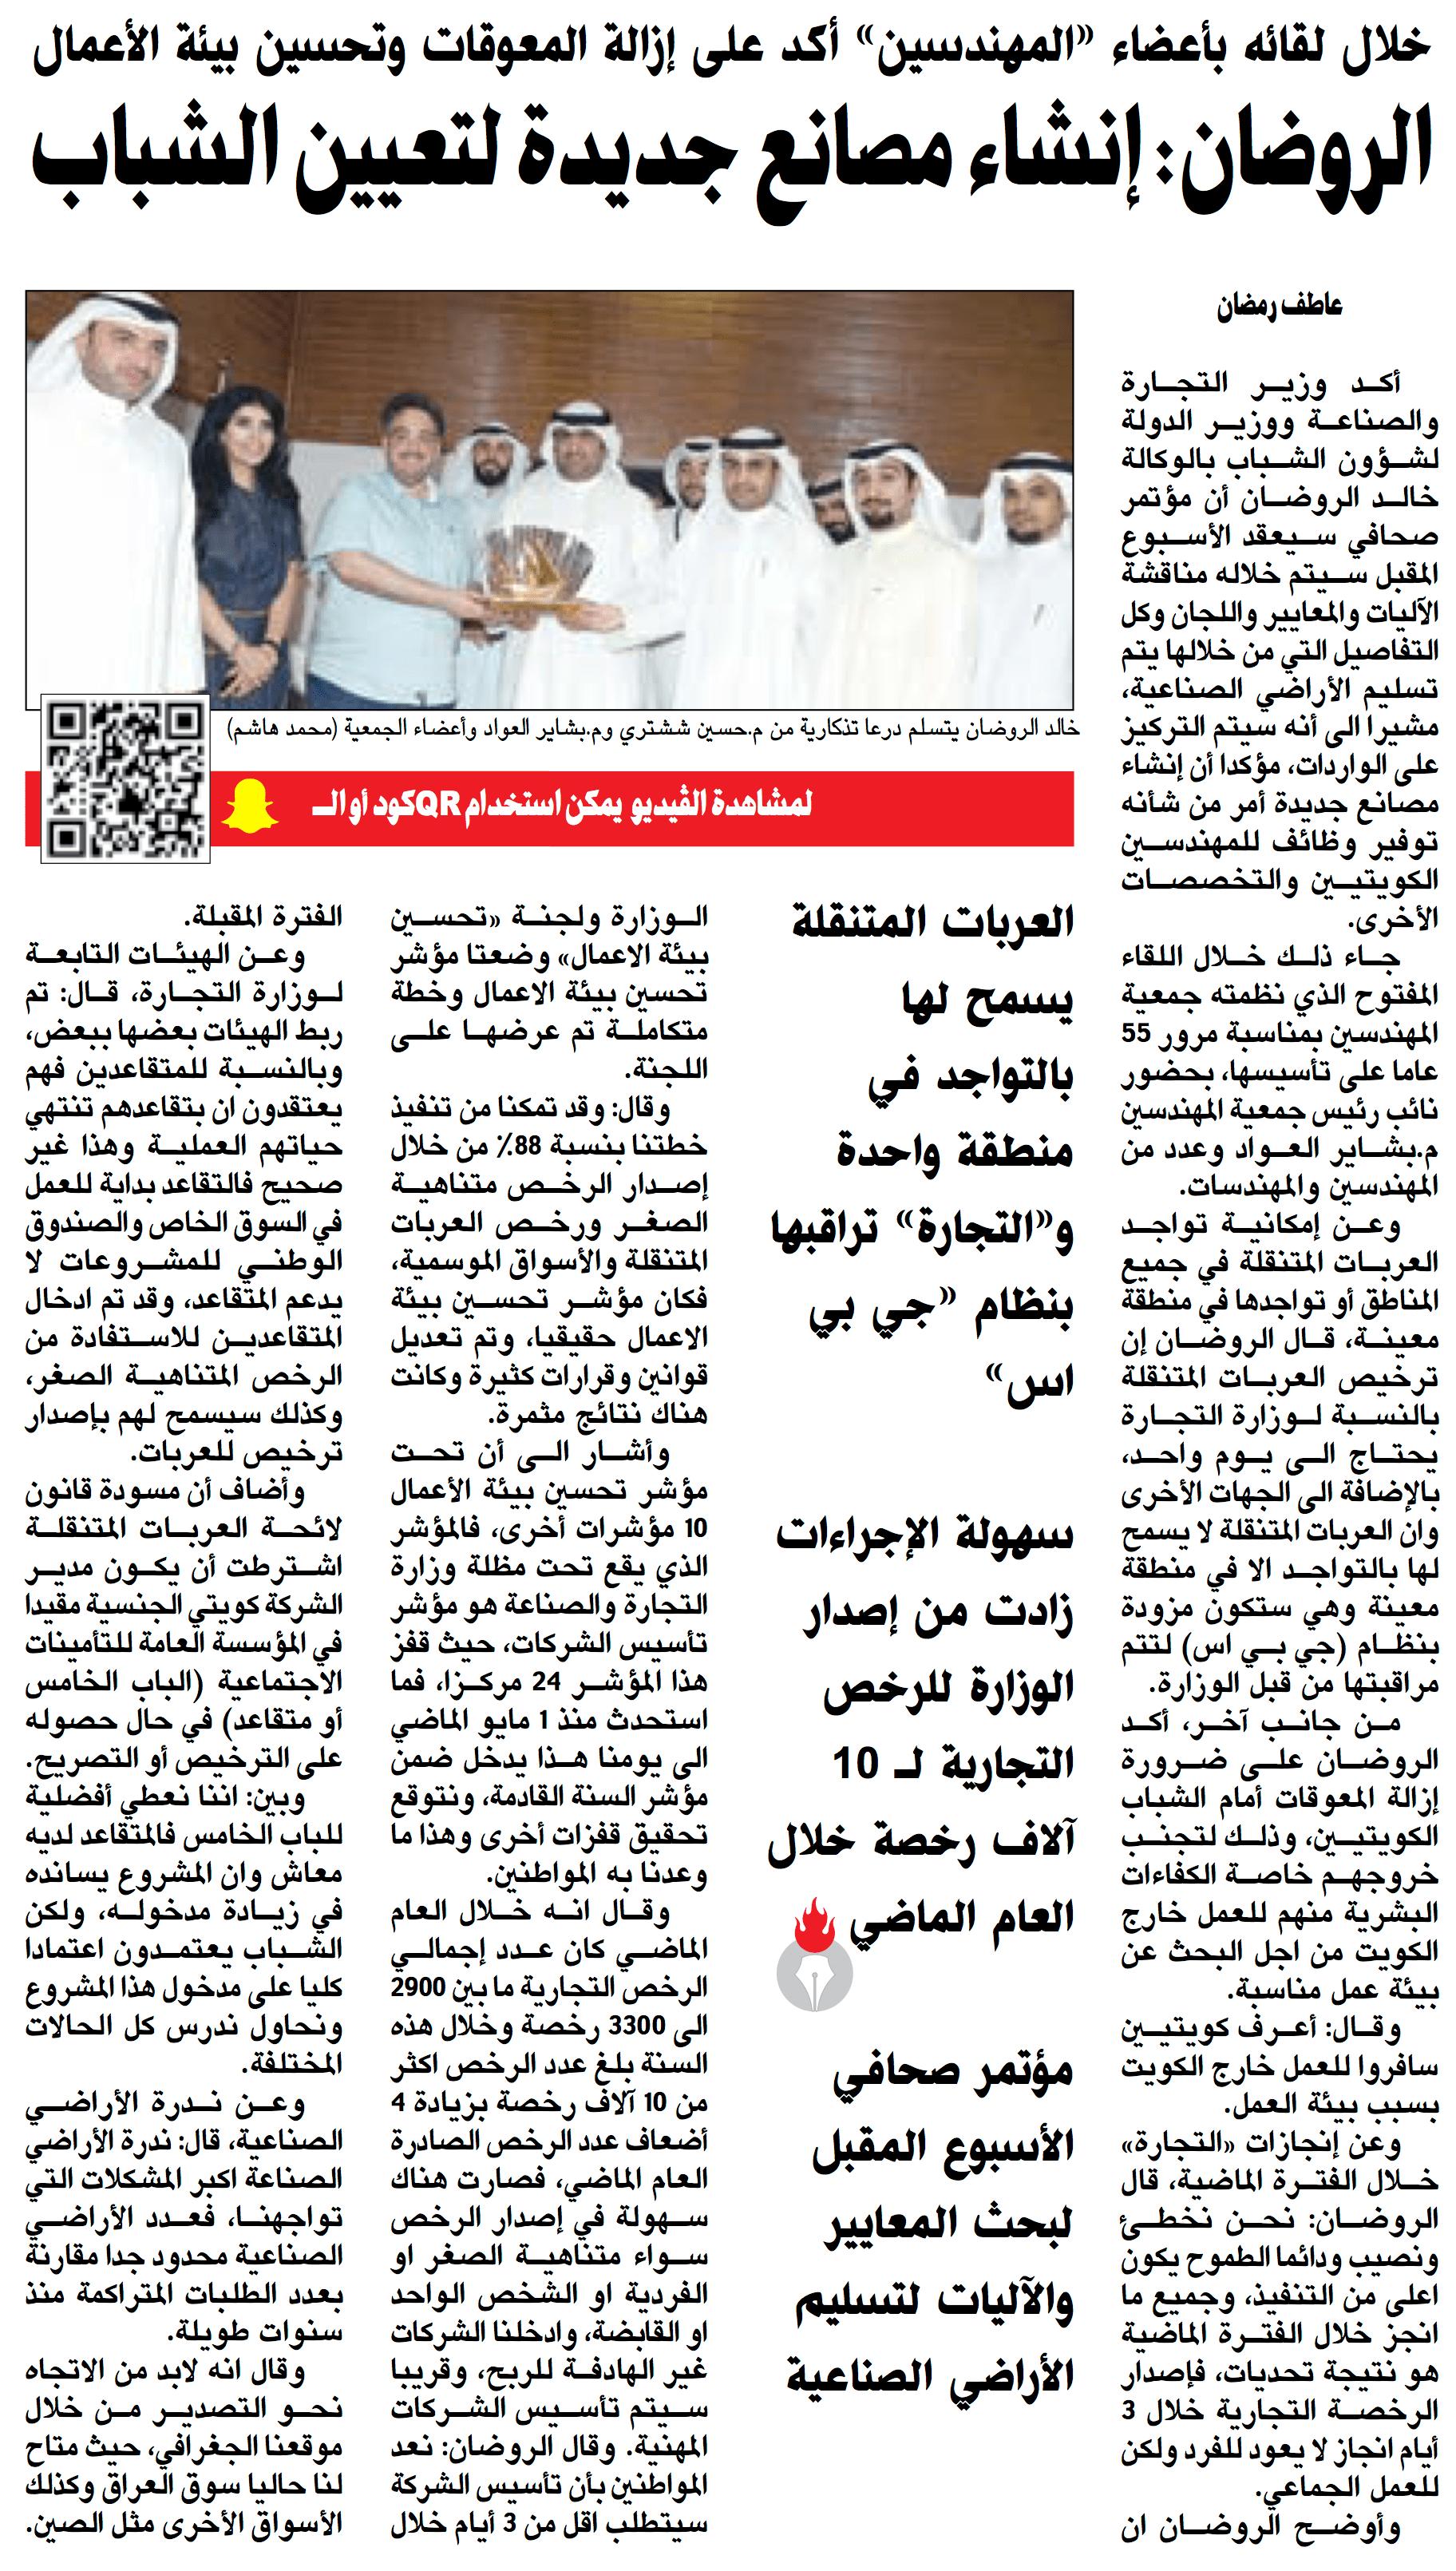 جريدة الأنباء